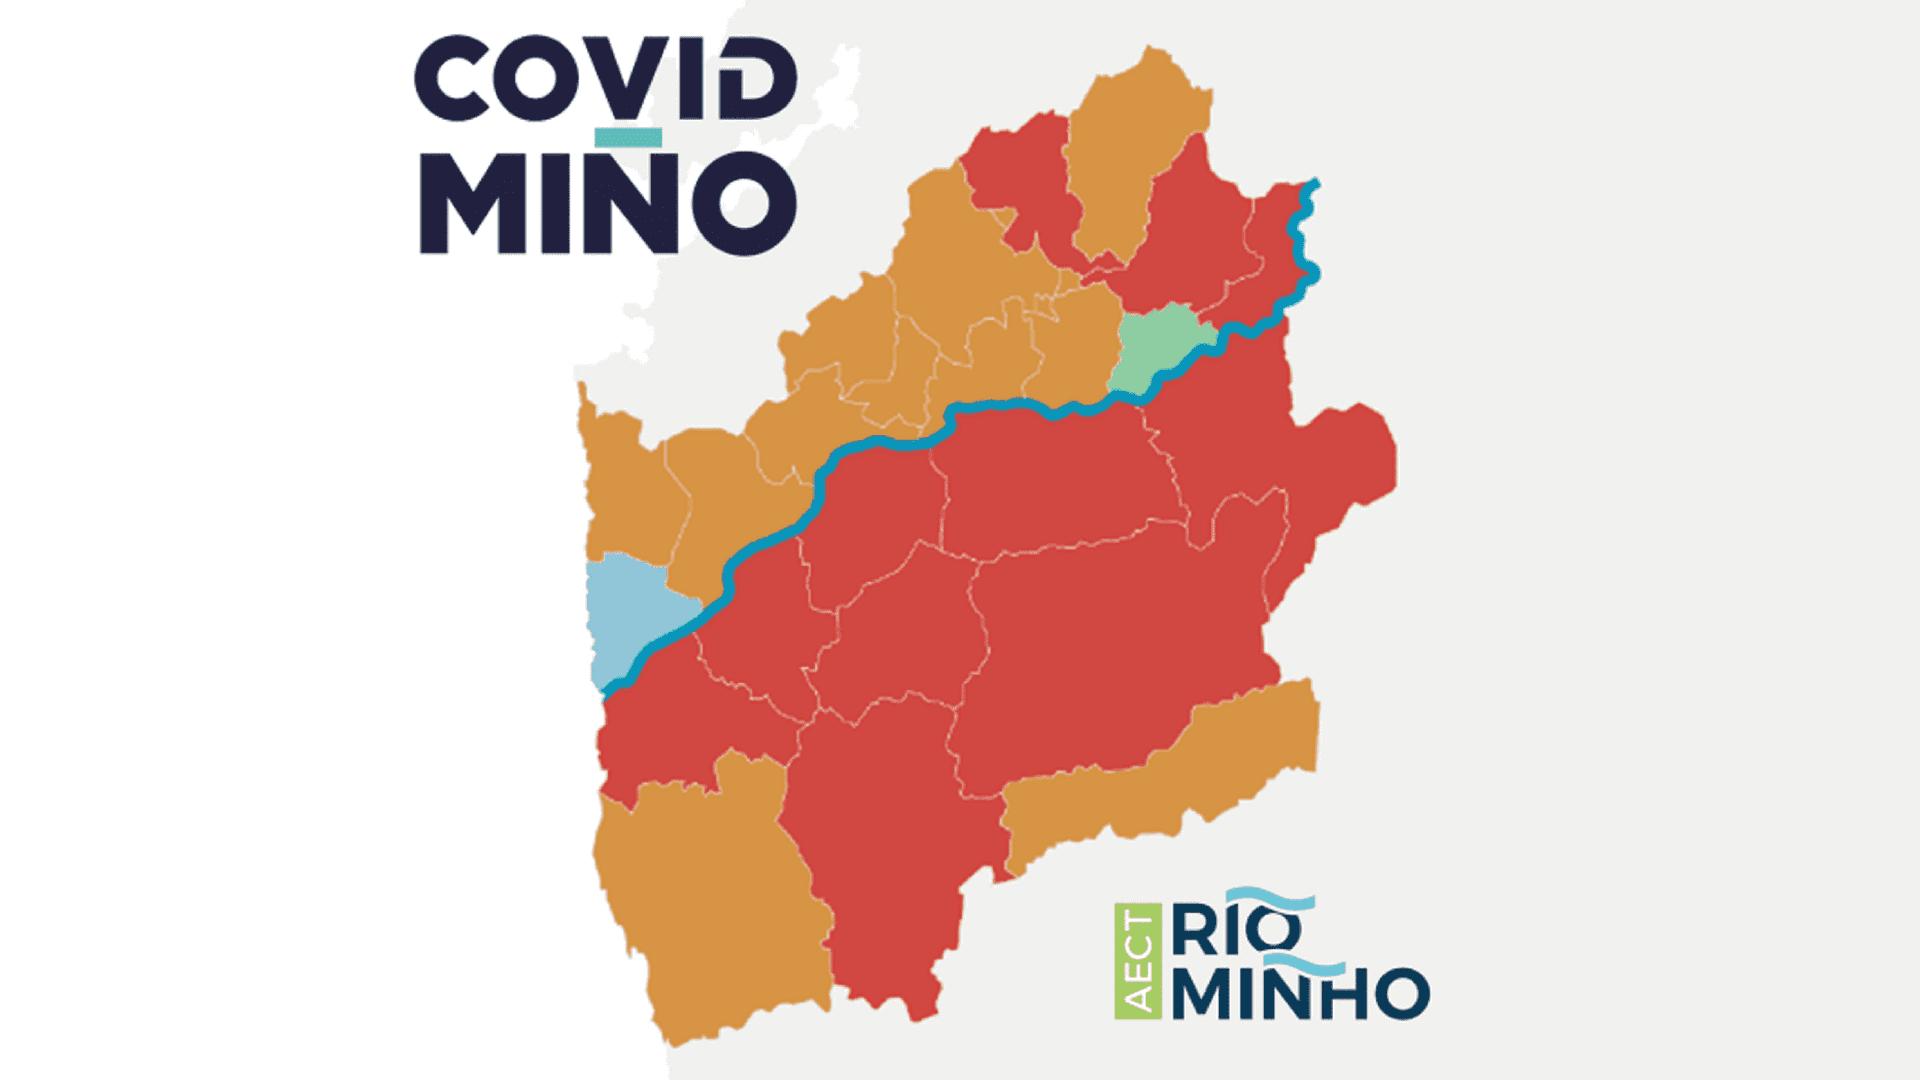 mapa COVIDMinho da evolução da covid-19 em municípios transfronteiriços